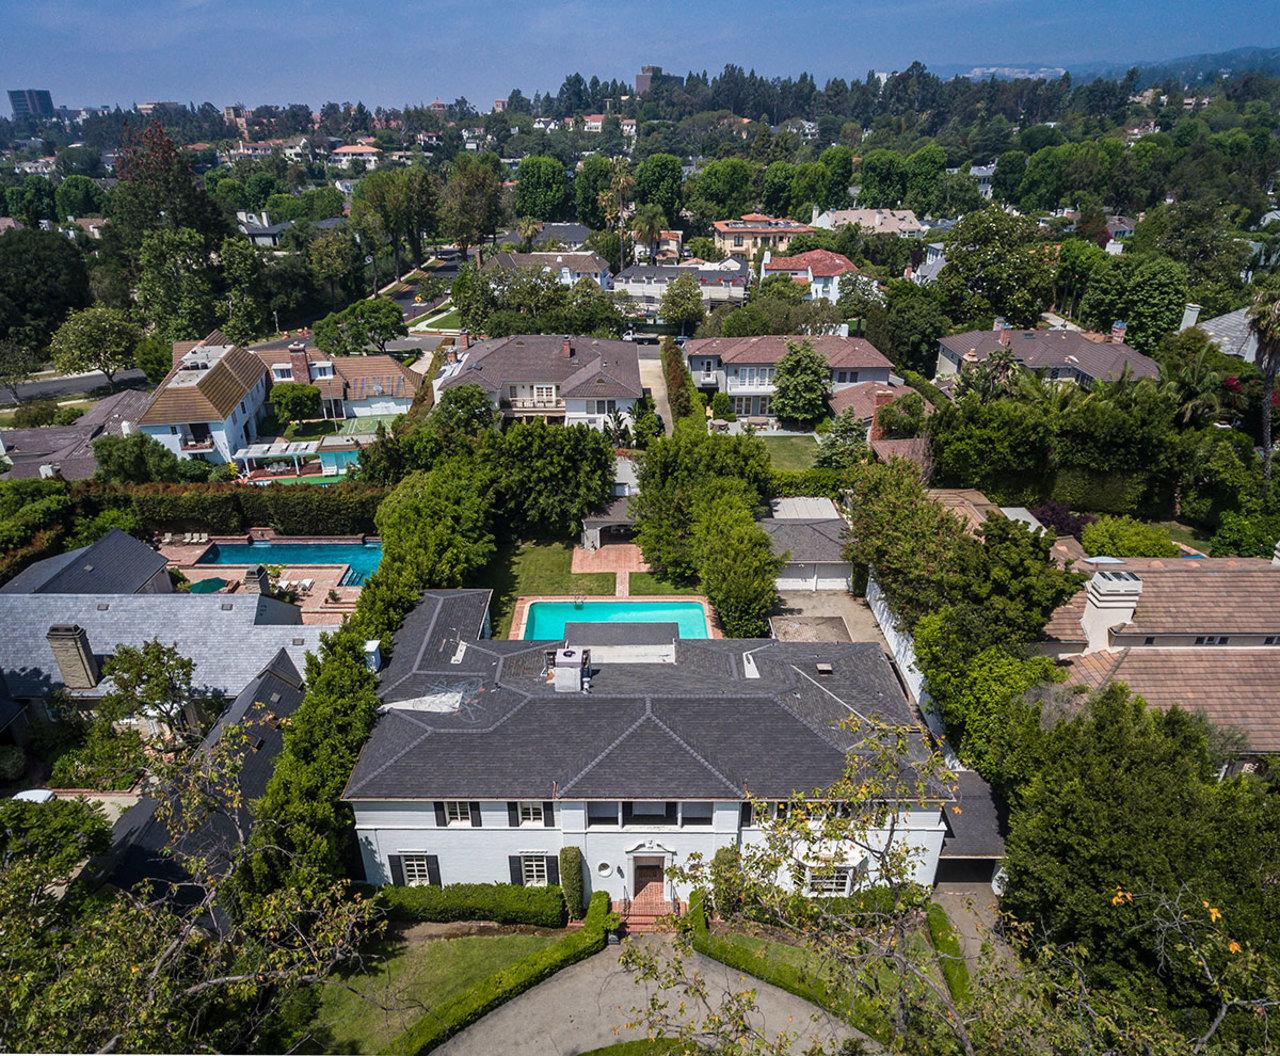 La propiedad posee una parcela 1.655 m2, / Jeff Ong